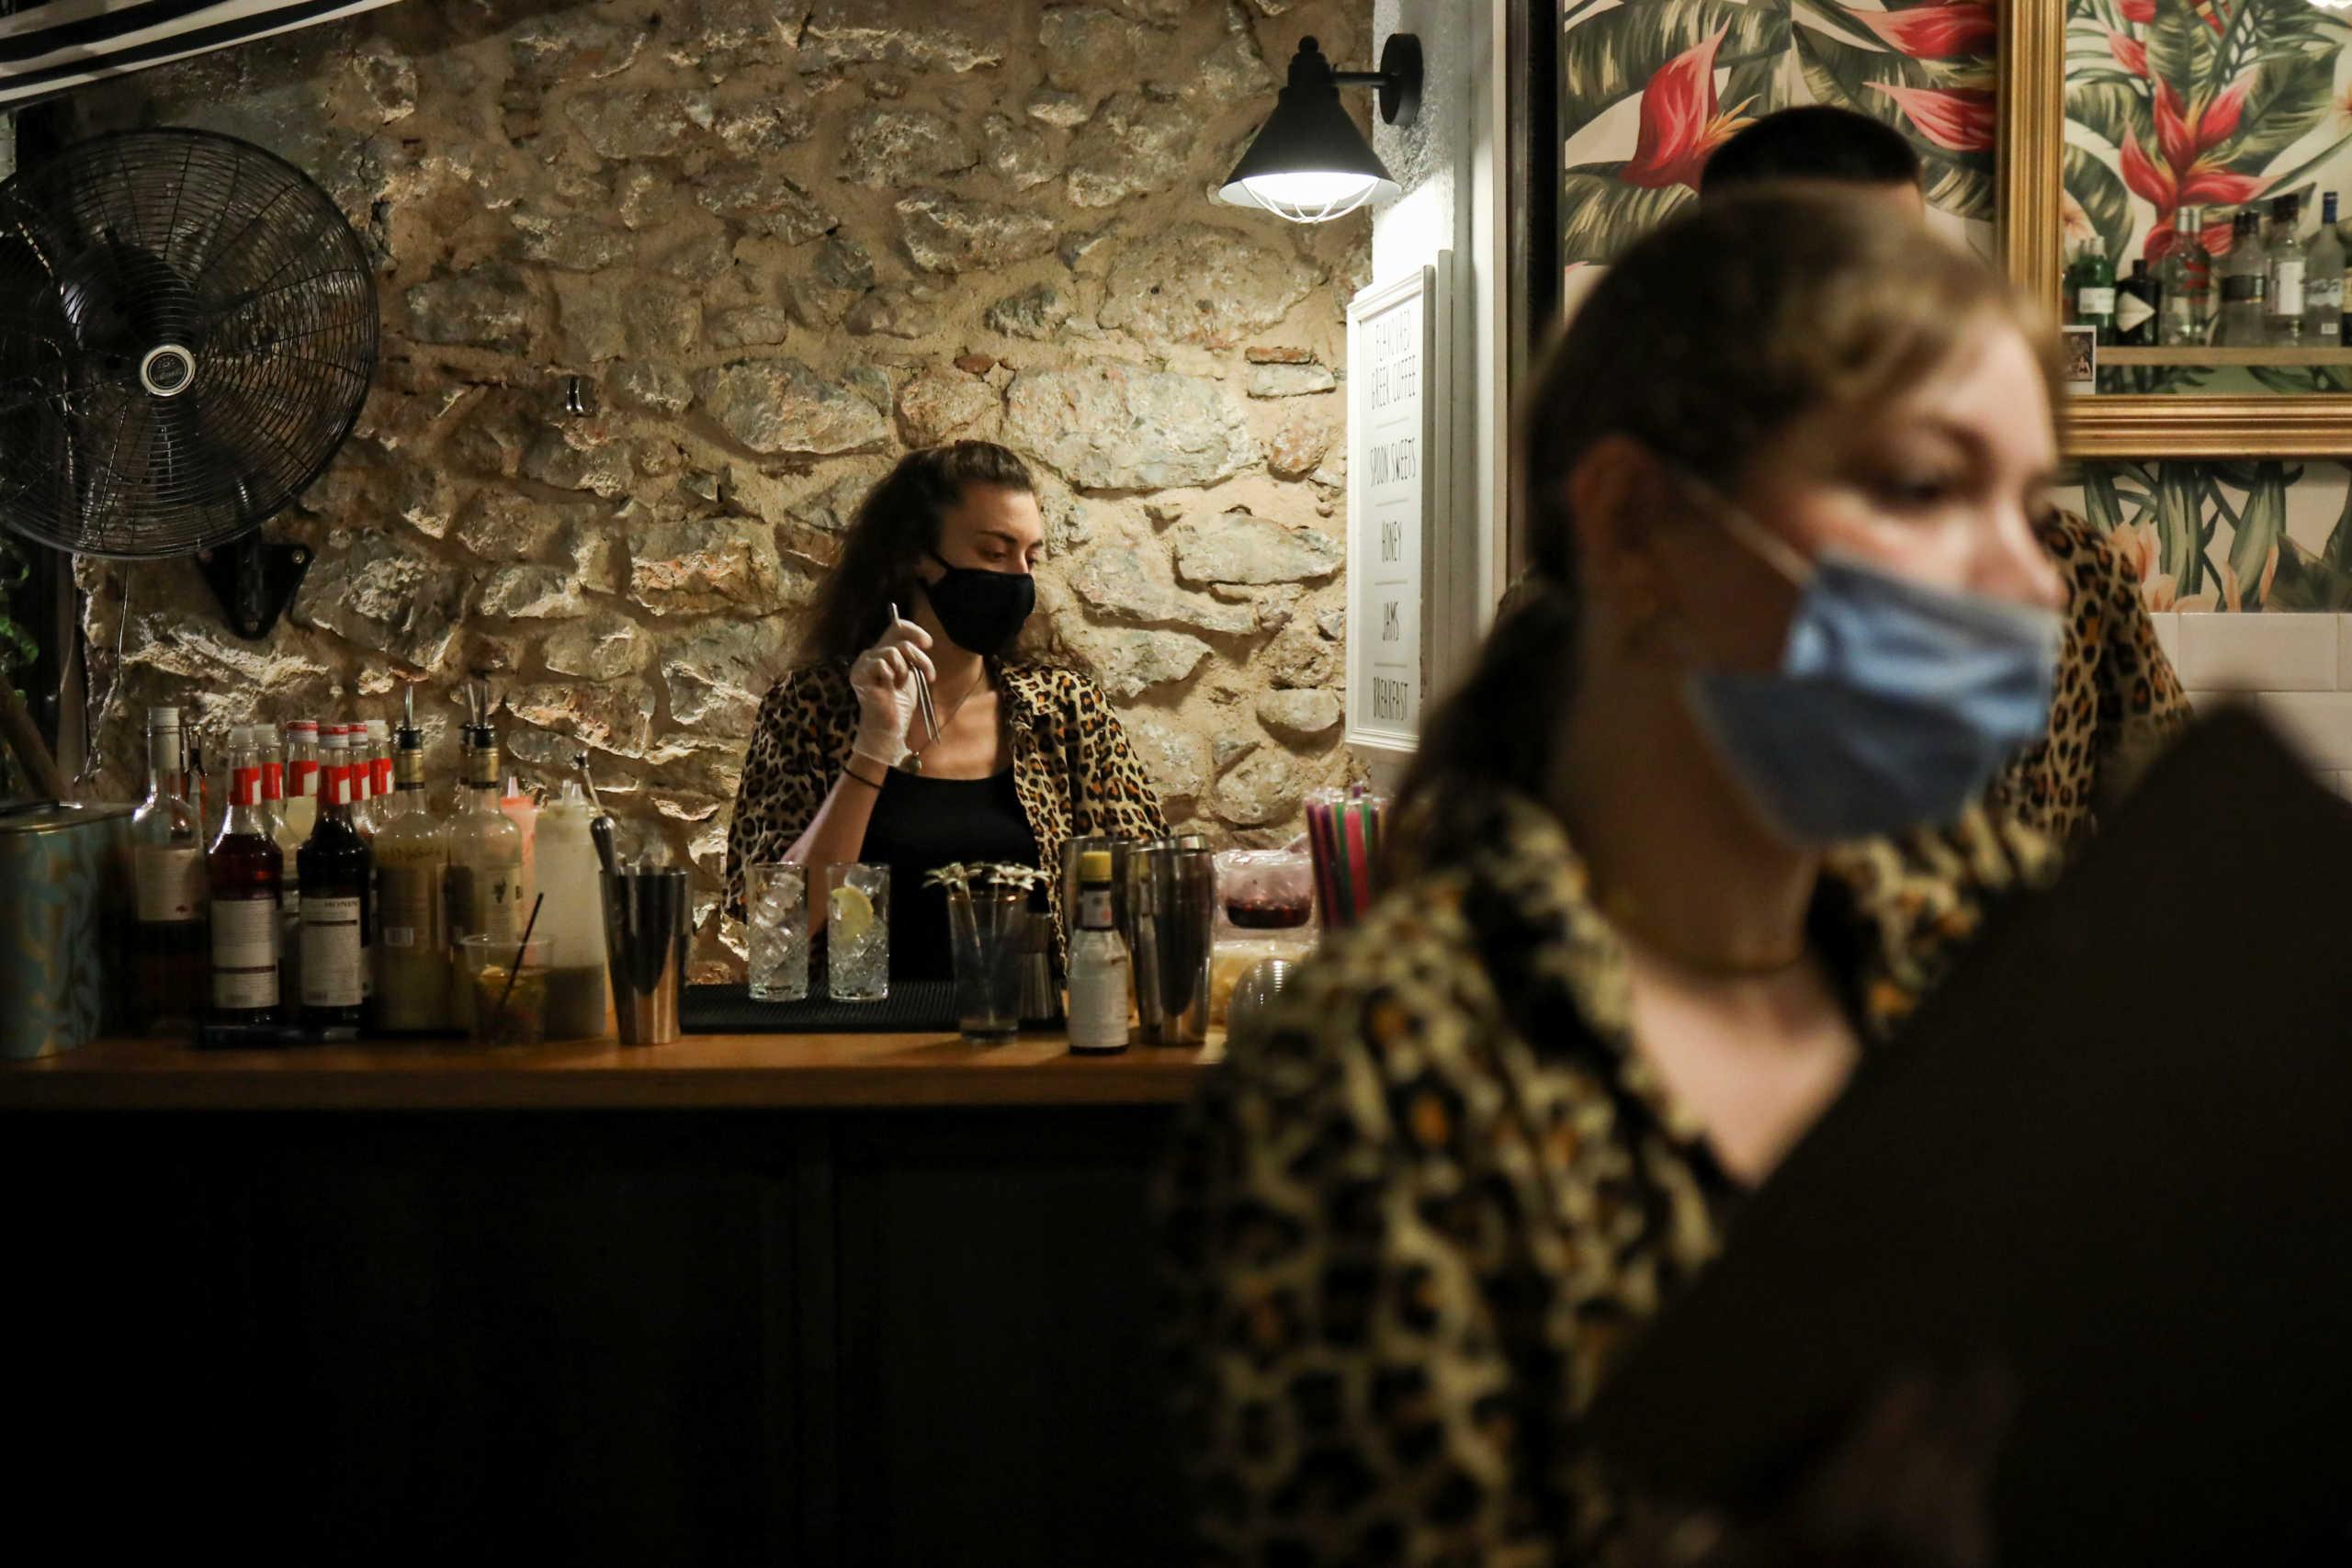 Κορονοϊός: 959 νέα κρούσματα στην Αττική, 169 στη Θεσσαλονίκη – Η κατανομή των μολύνσεων ανά περιφέρεια